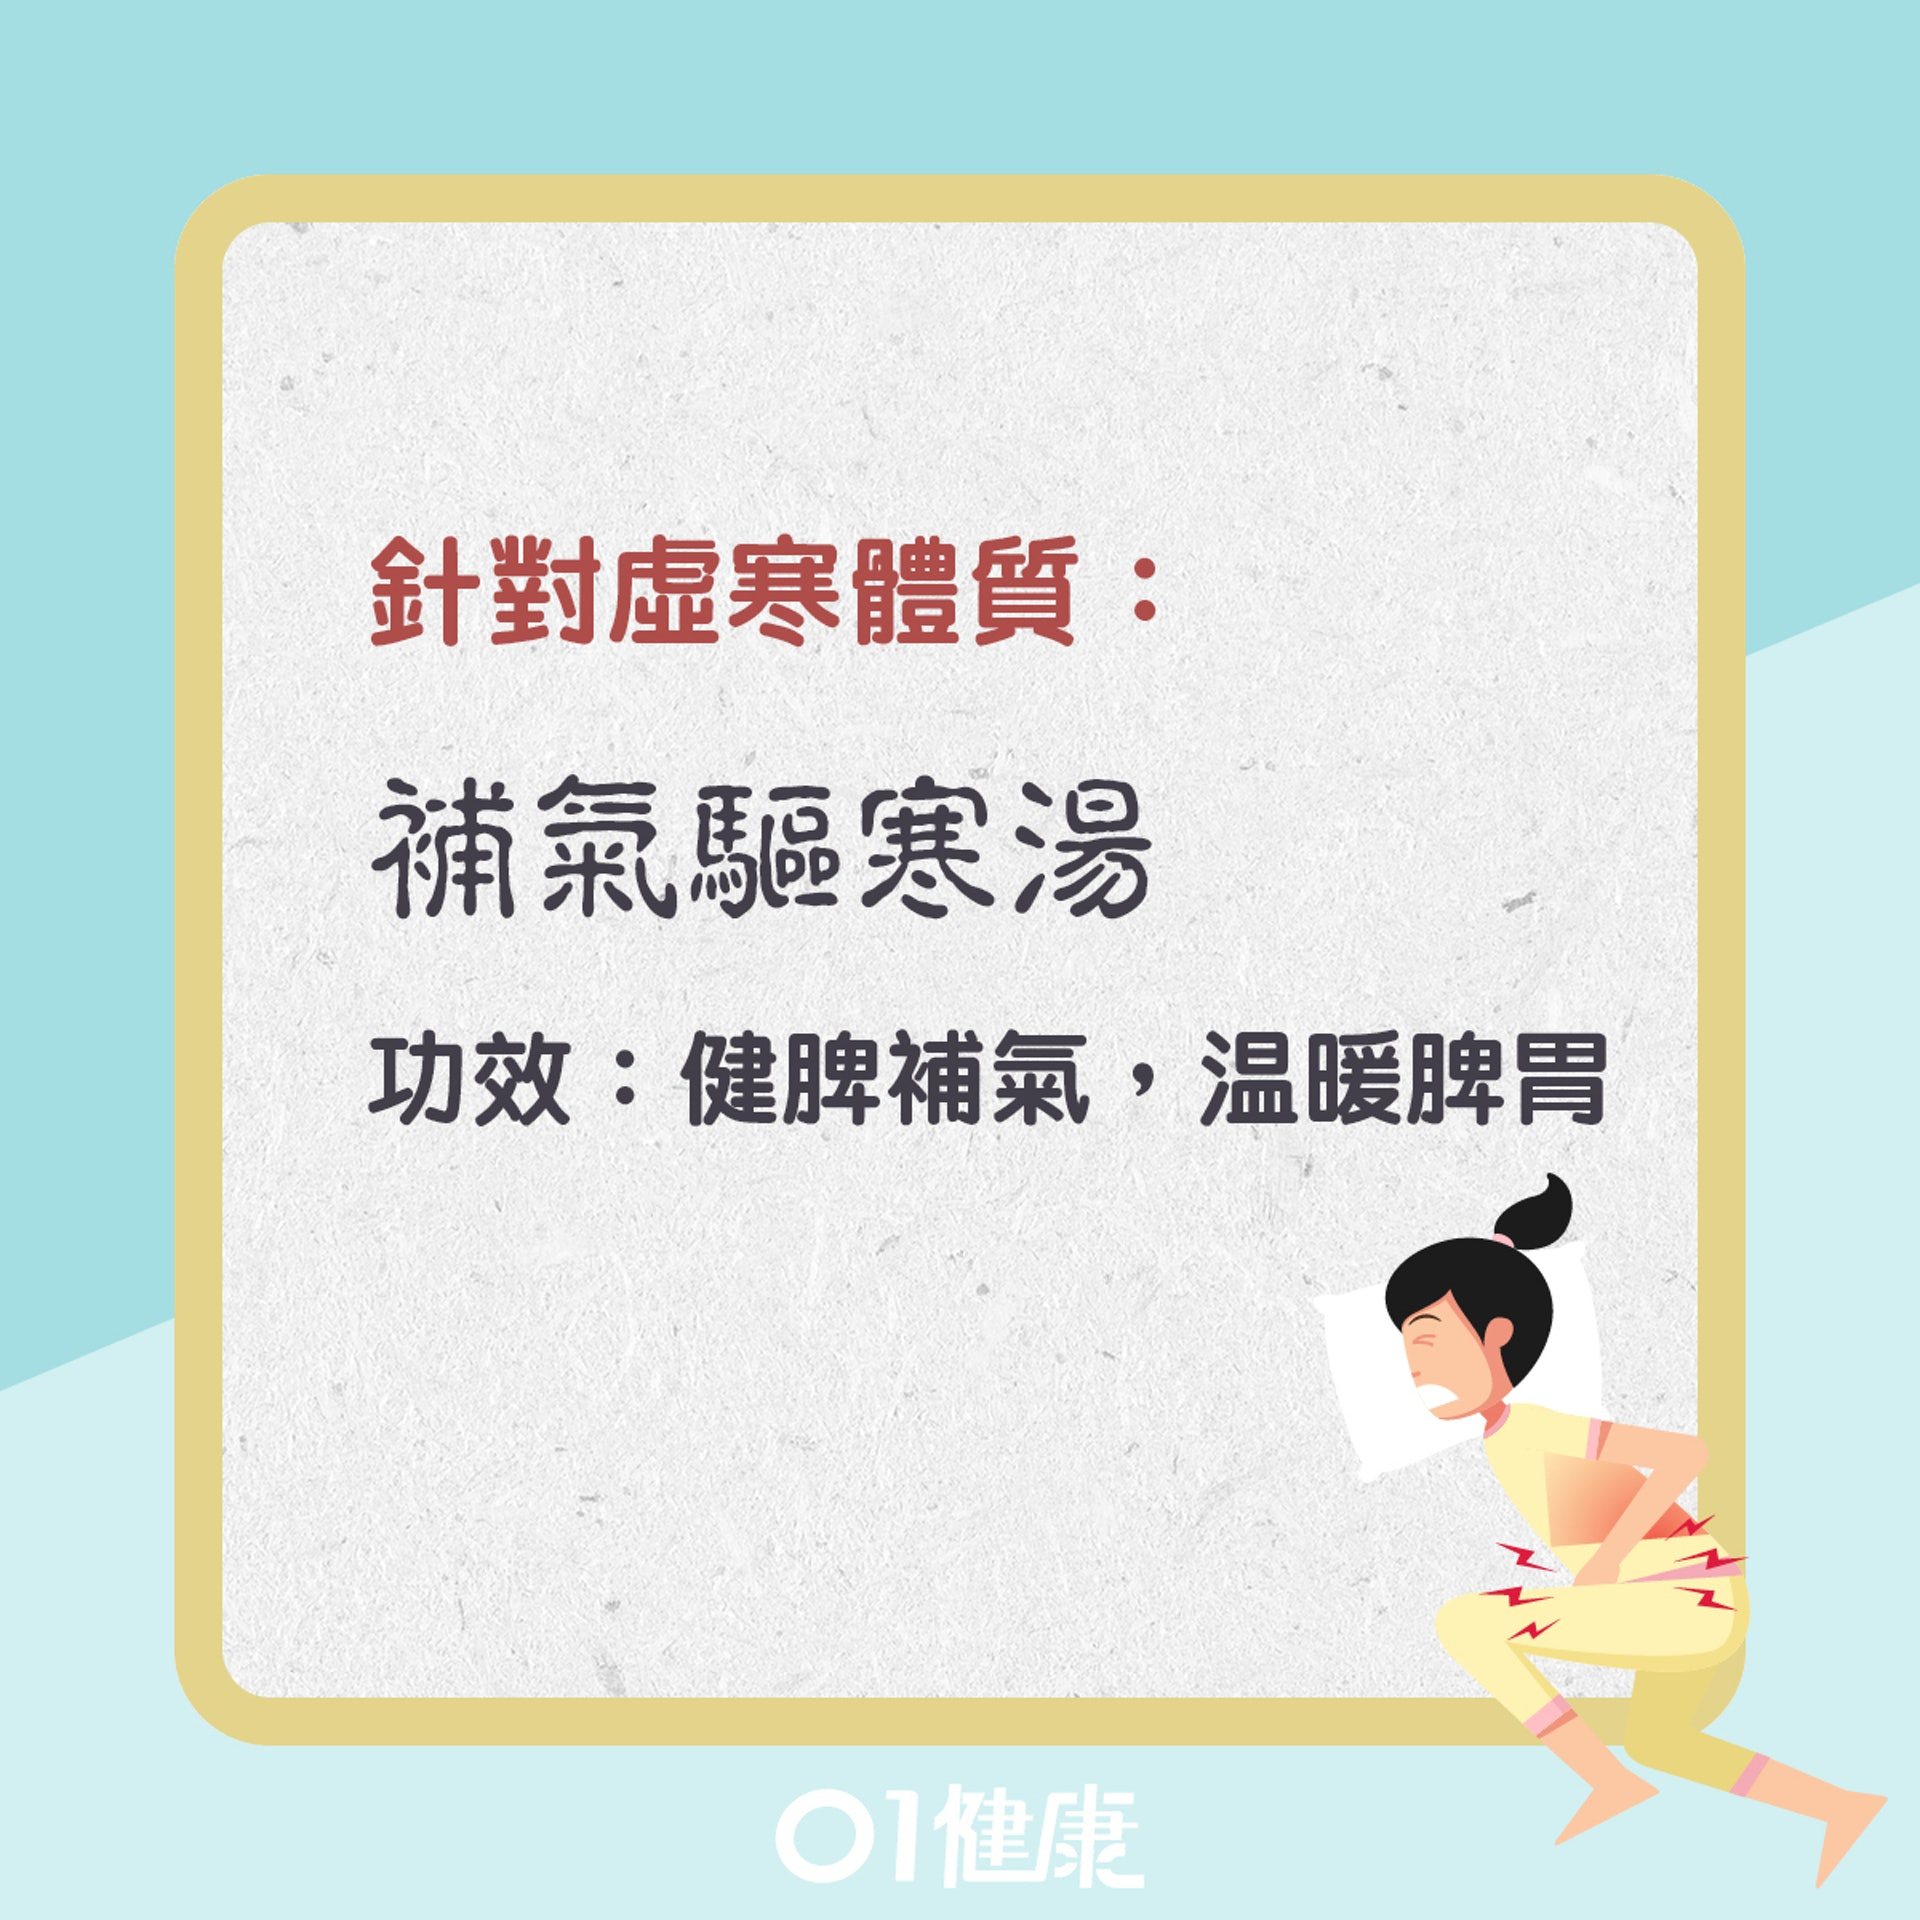 補氣驅寒湯(01製圖)